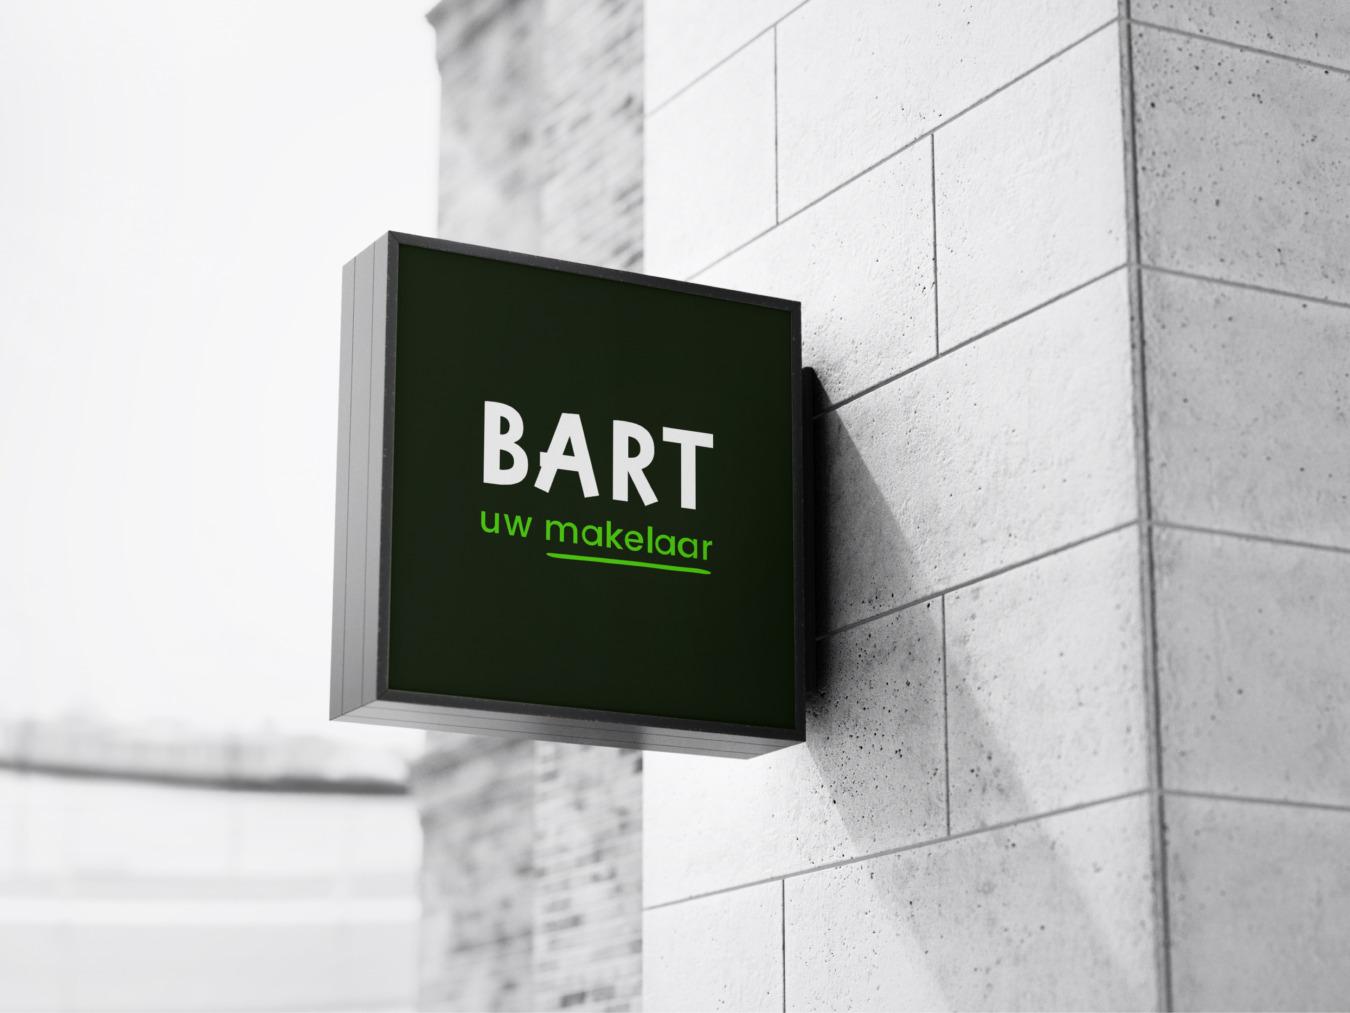 Huisstijl van Bart uw makelaar